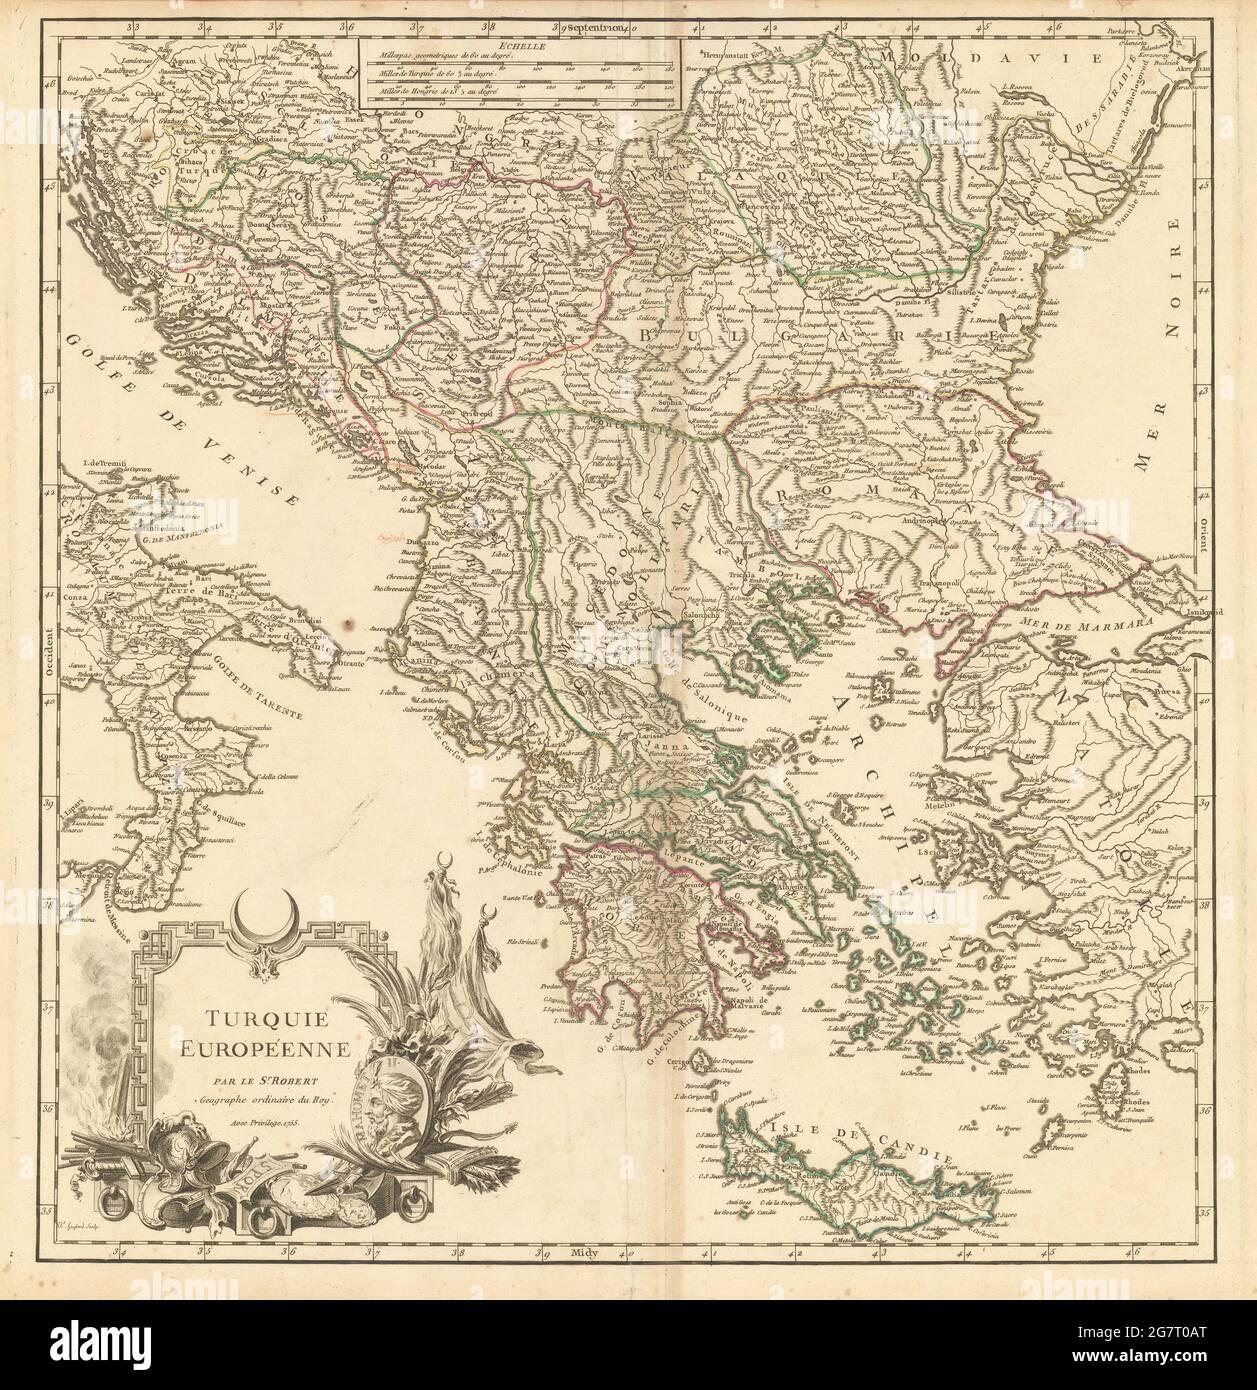 « Turquie européenne ». La Turquie en Europe. Balkans Grèce Egée. Carte DE VAUGONDY 1755 Banque D'Images